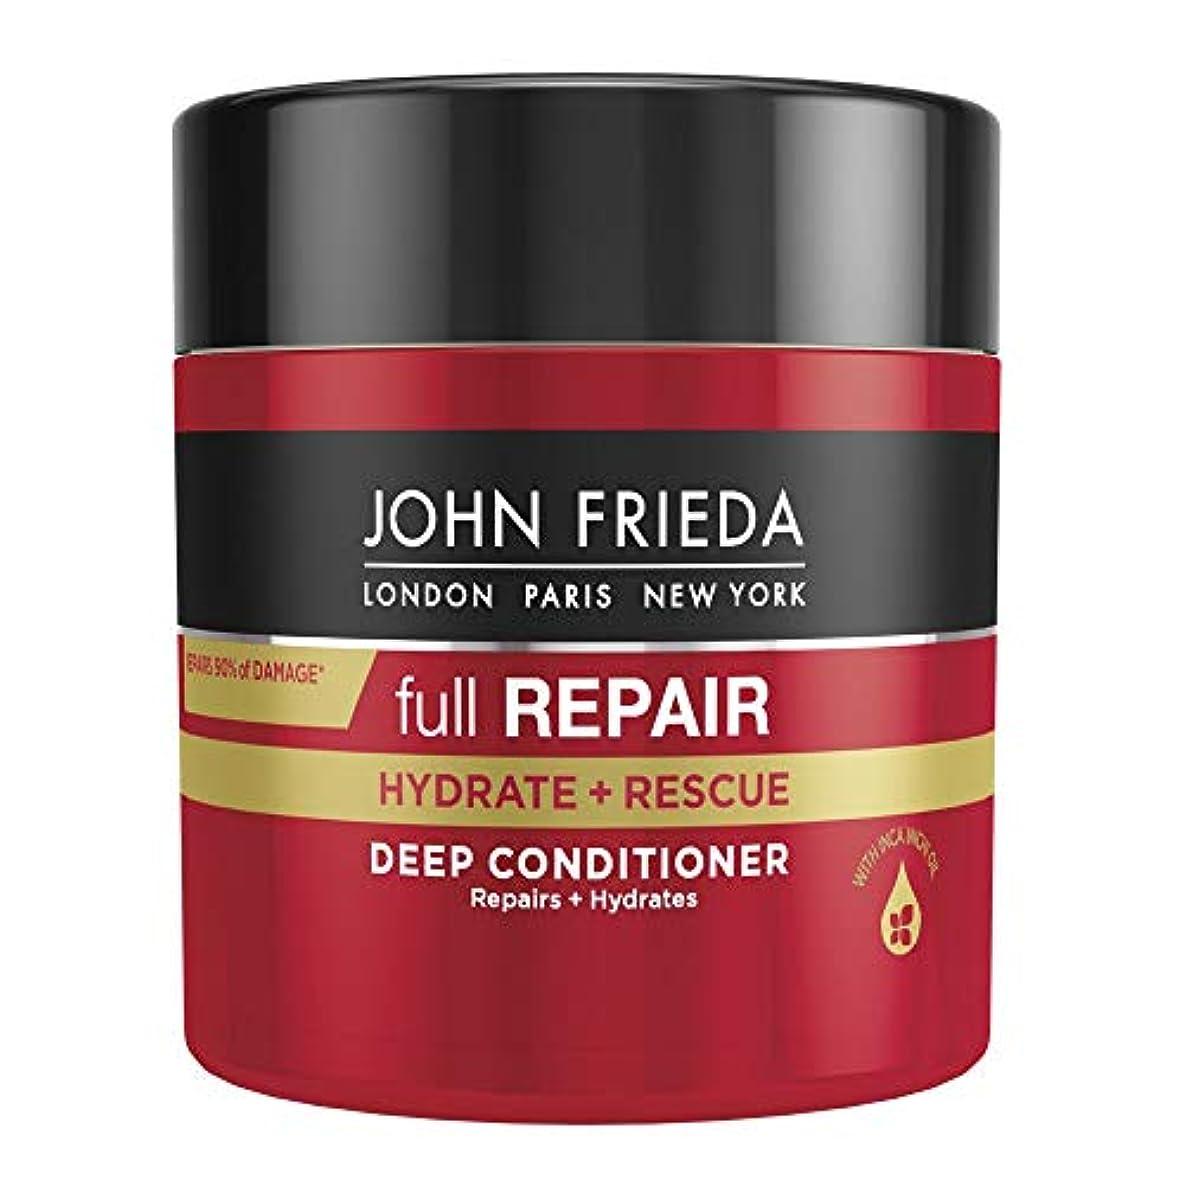 聖域時間厳守ドライバJohn Frieda? Full Repair(TM) Deep Conditioner 150ml